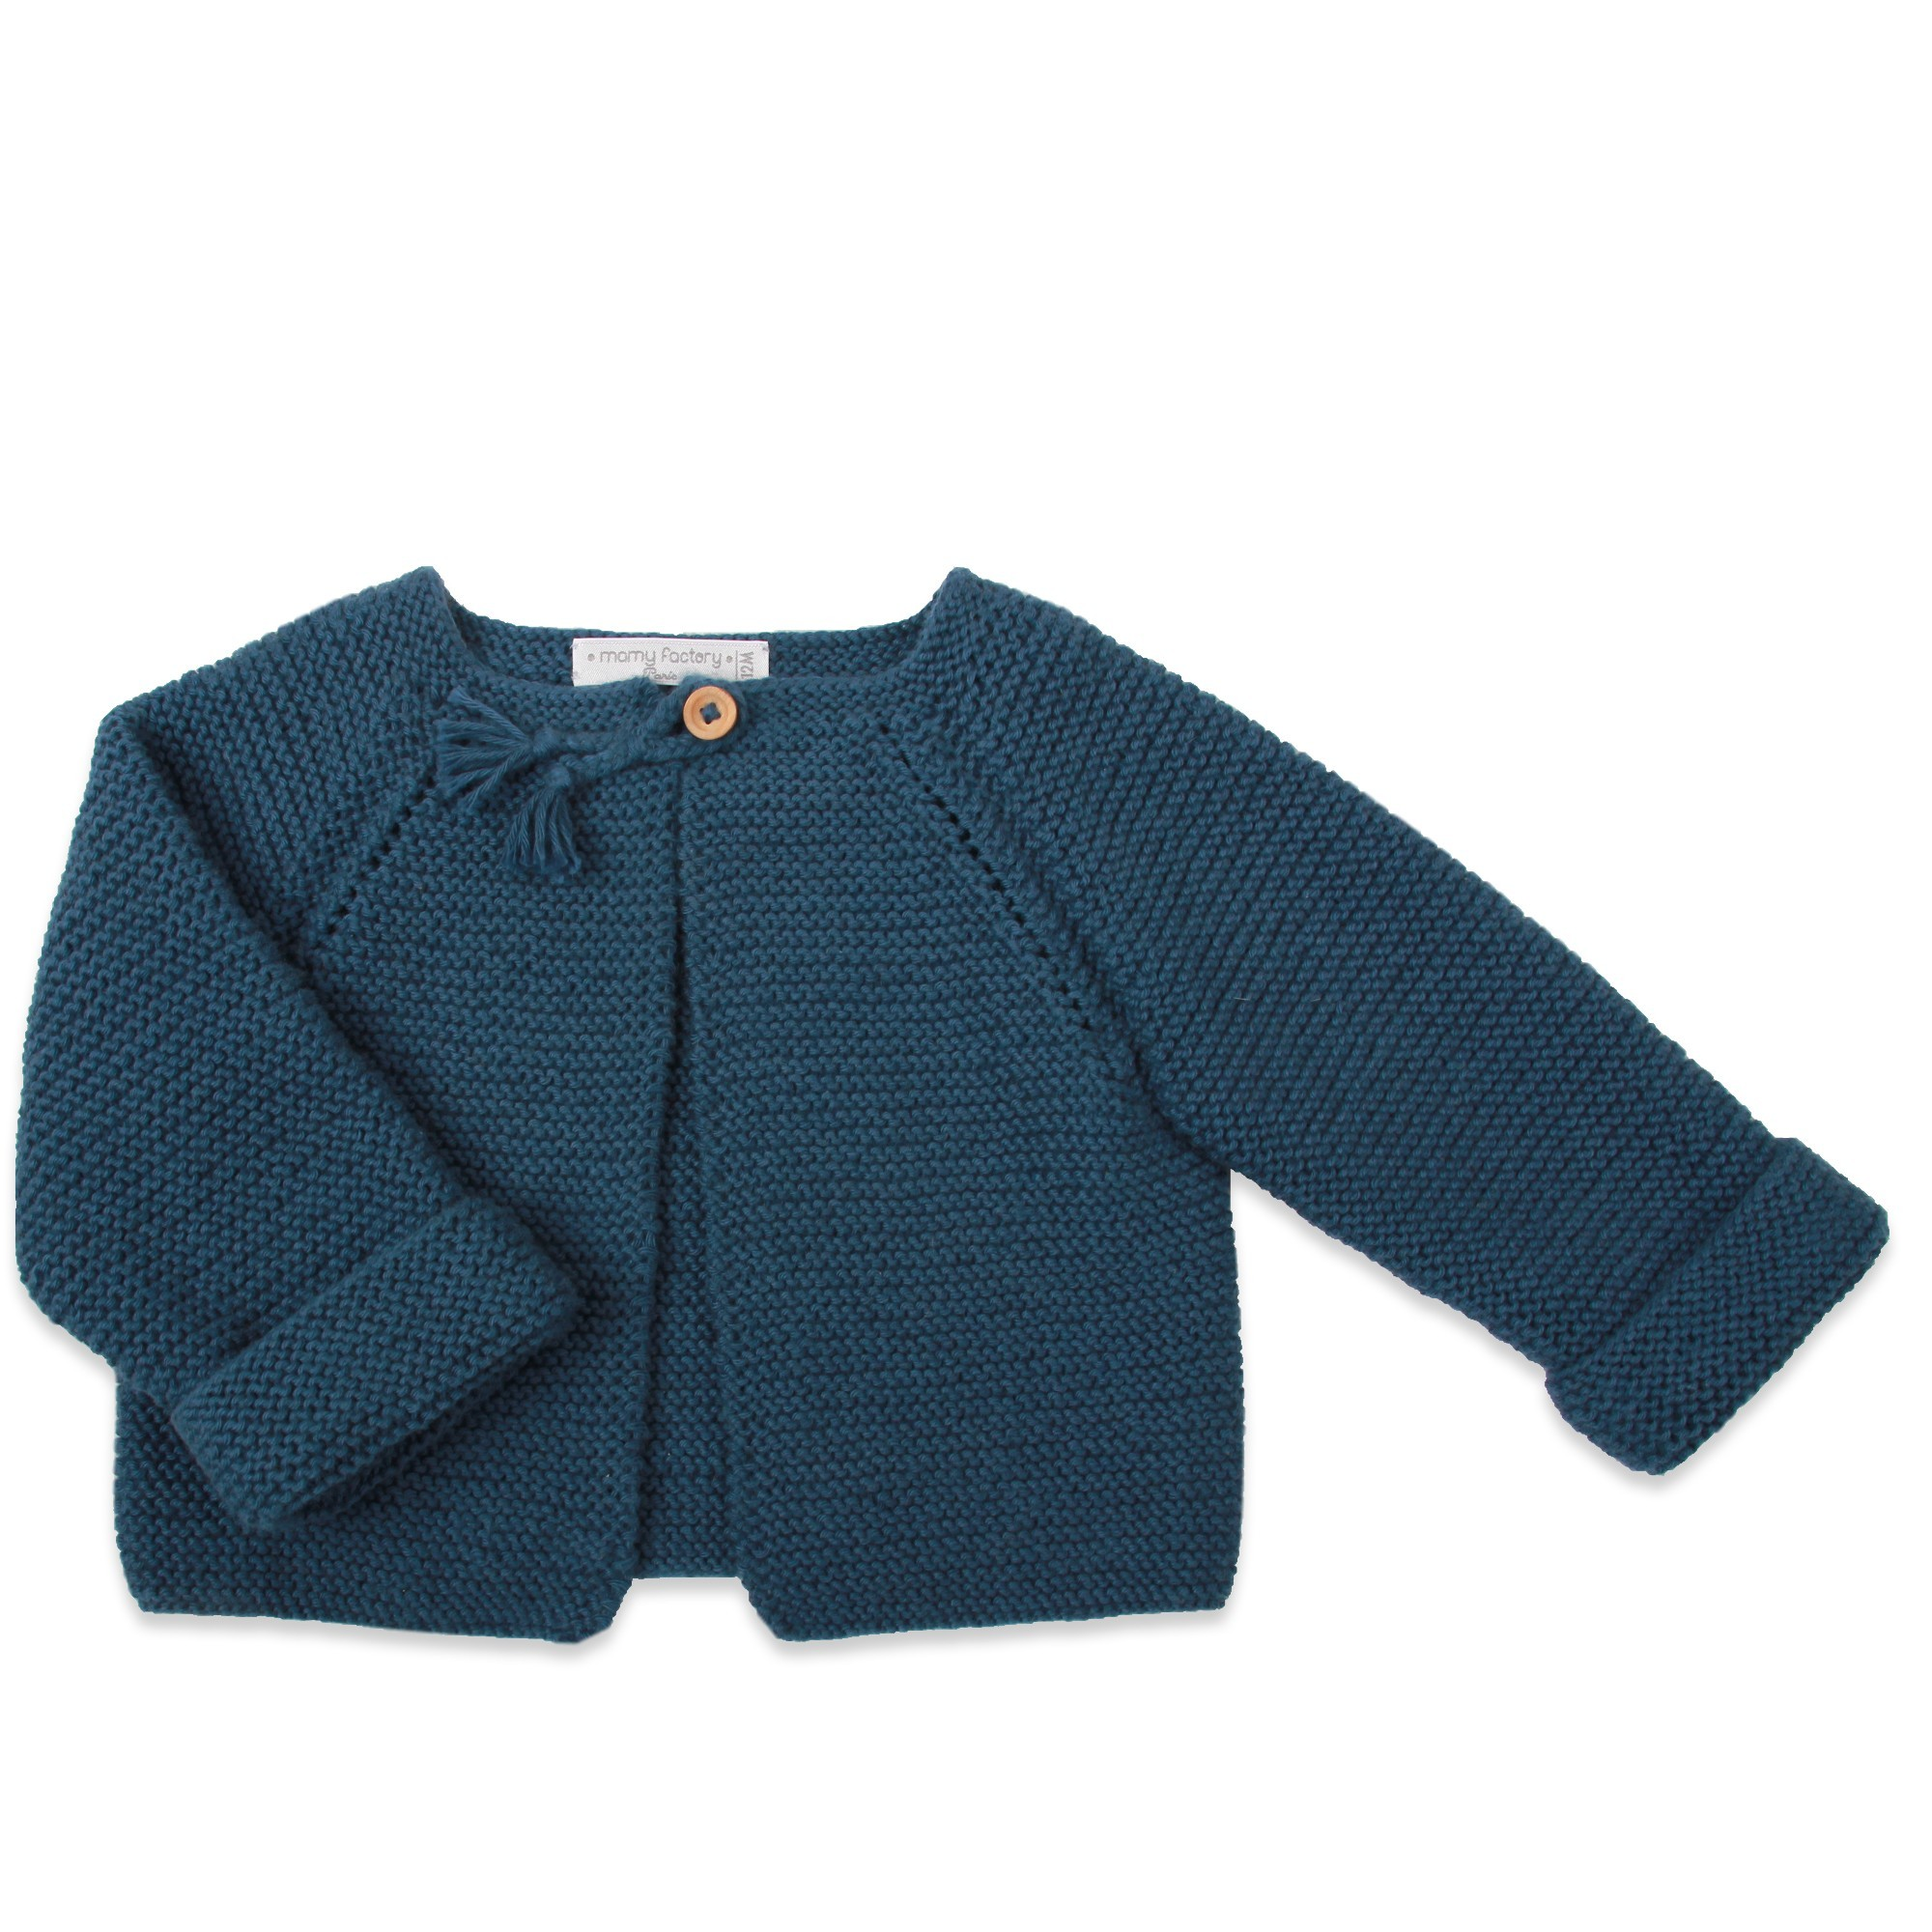 Extrêmement Gilet enfant, bleu canard.Tricoté en coton & cachemire par nos mamies. LZ25